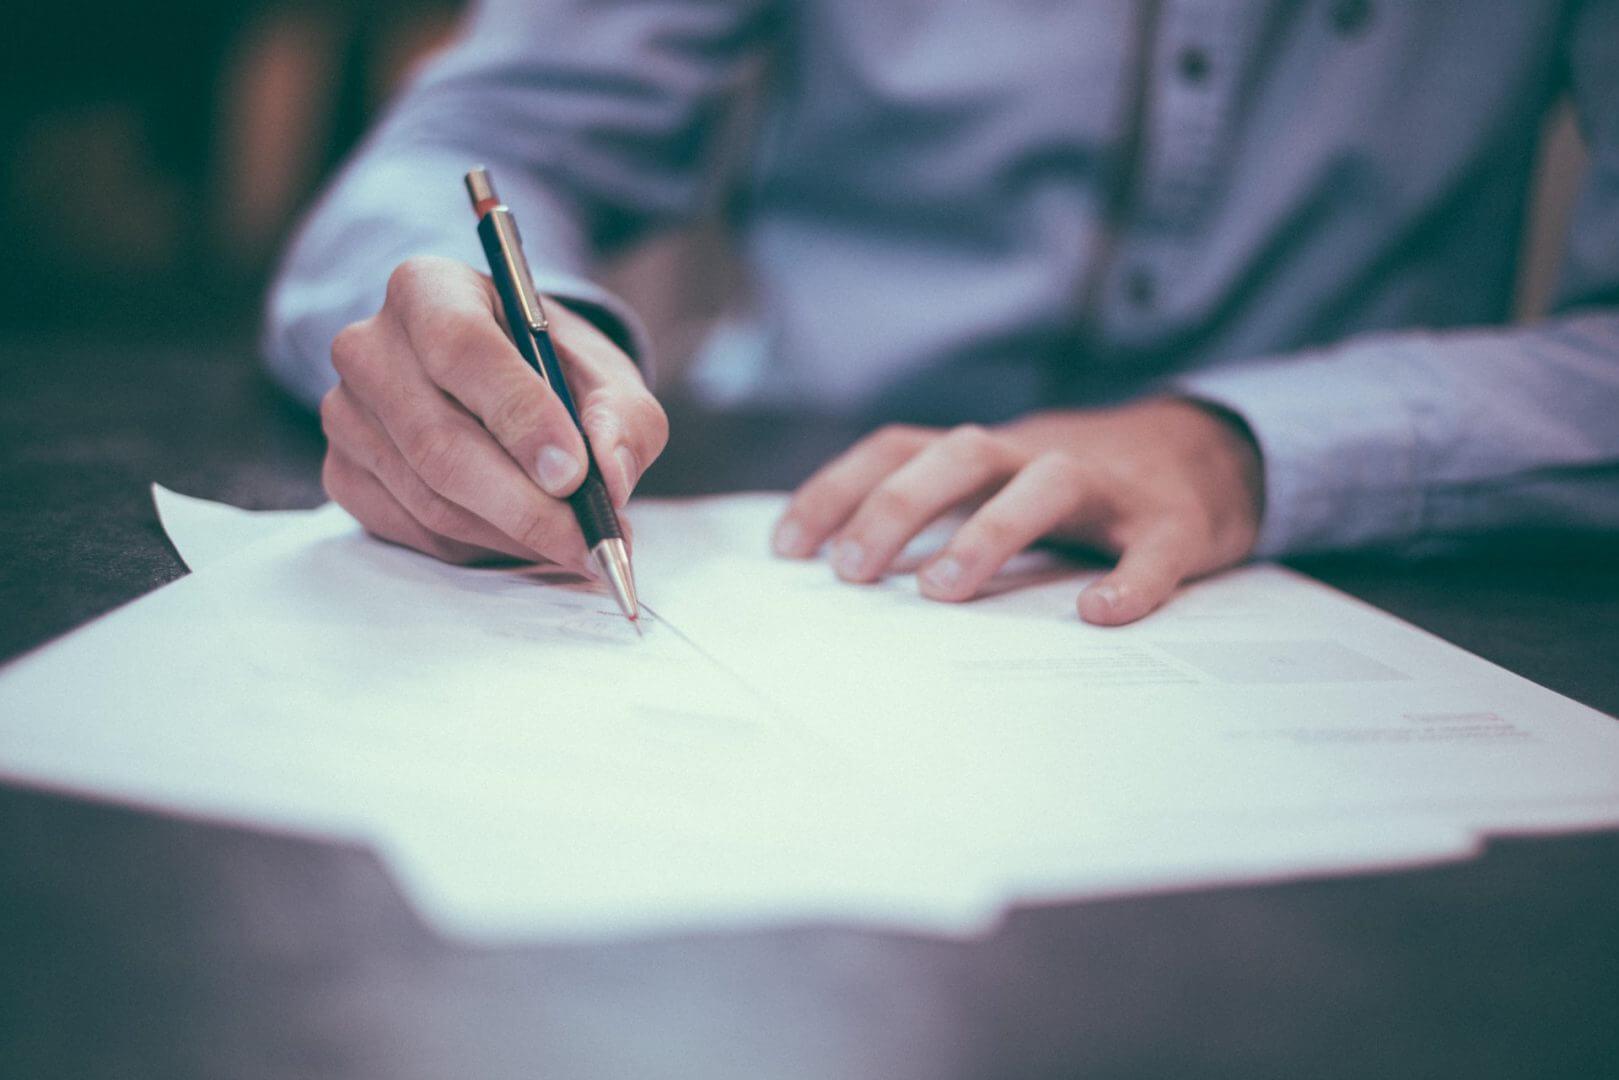 Zakup polisy online – jakich dokumentów potrzebujesz, aby go dokonać?